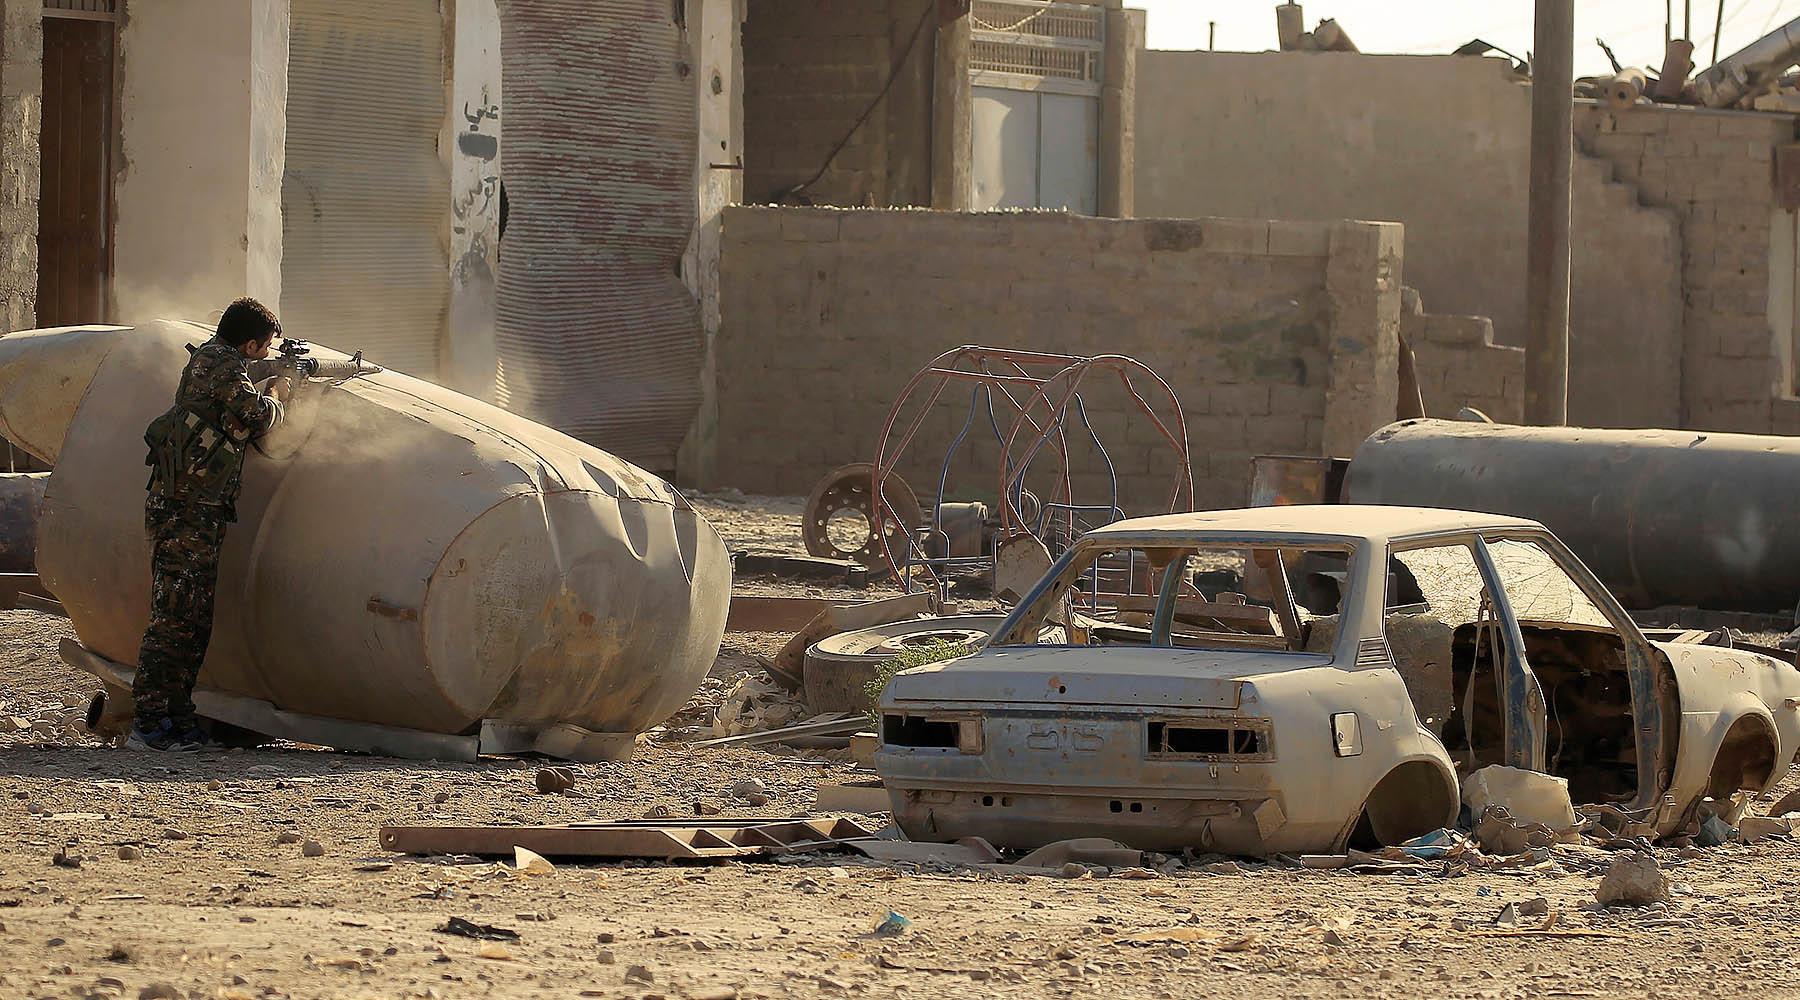 Акербатский котёл: армия Сирии при поддержке ВКС РФ освободила от ИГ стратегически важный город